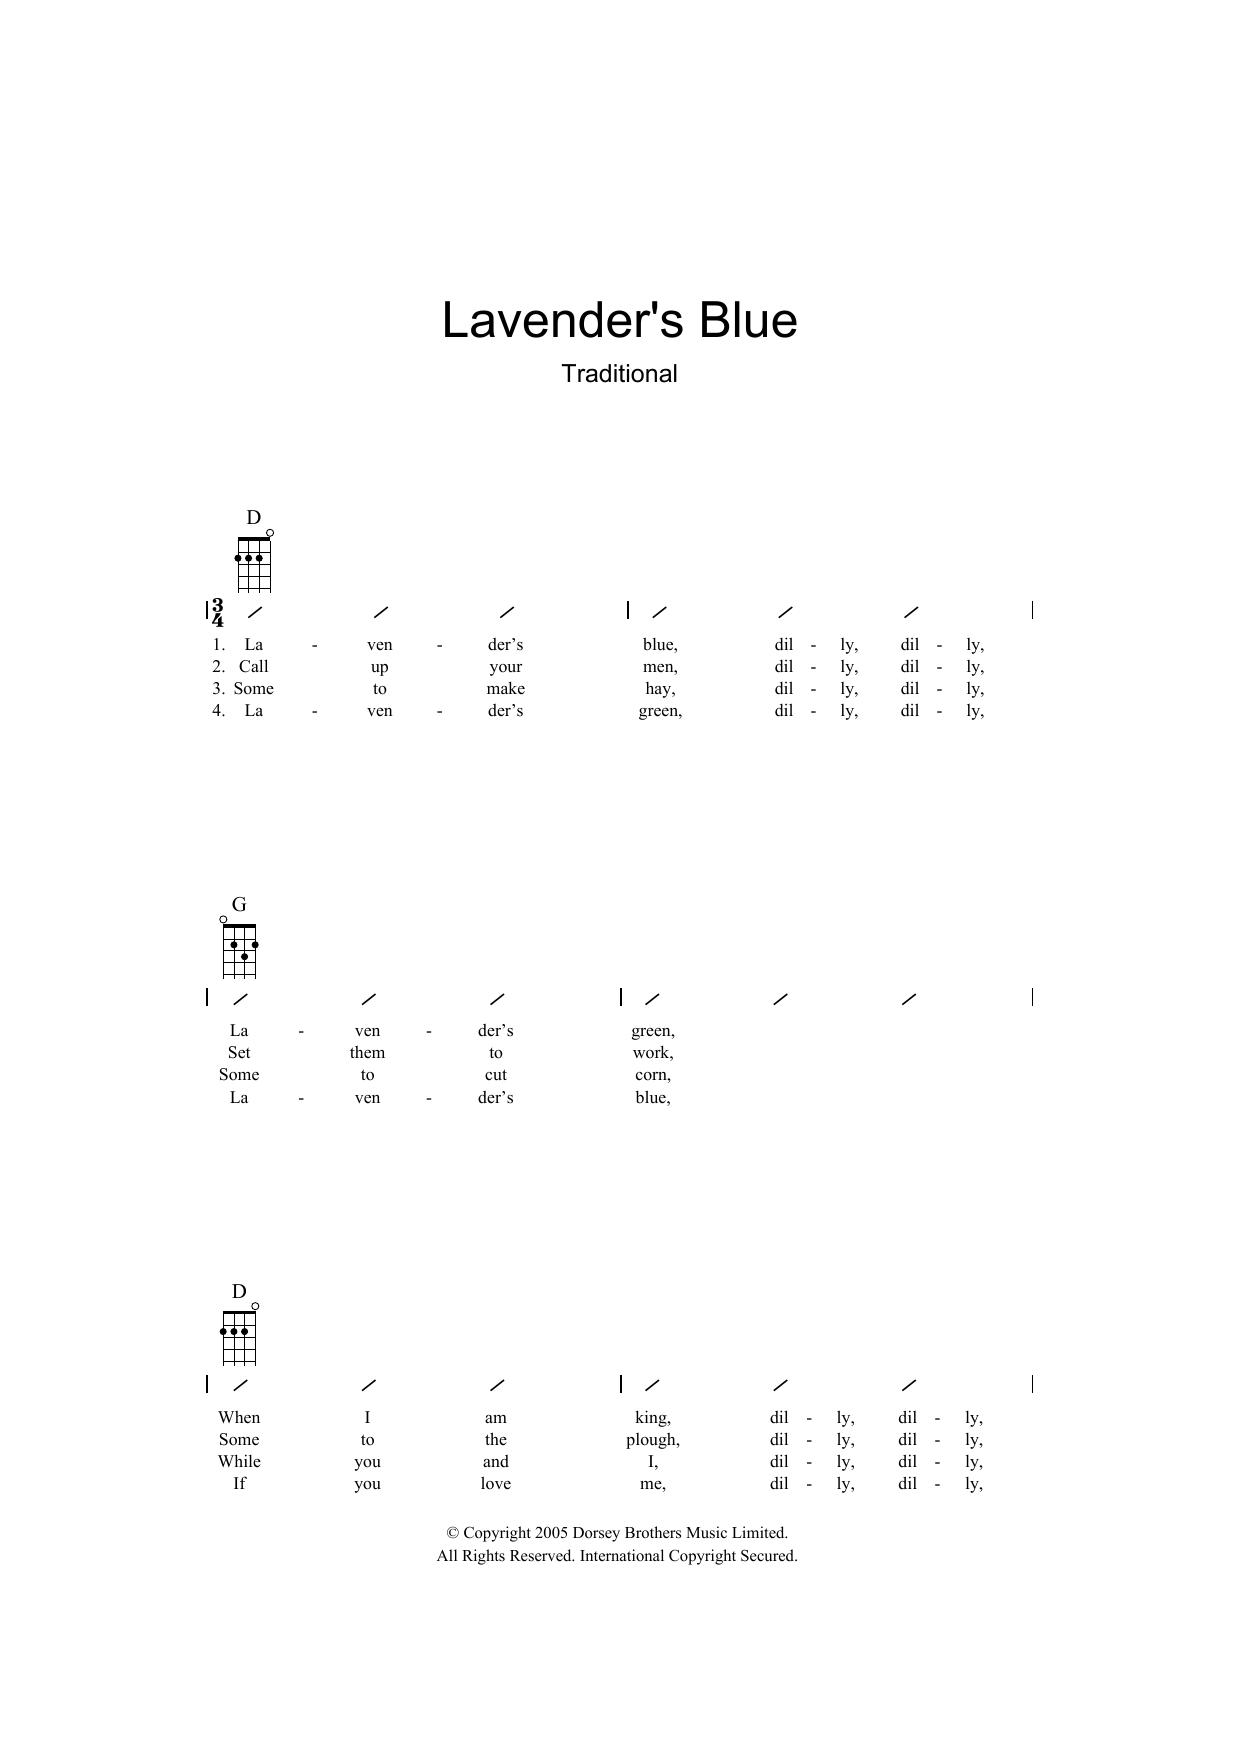 Lavender Blue (Ukulele Chords/Lyrics)